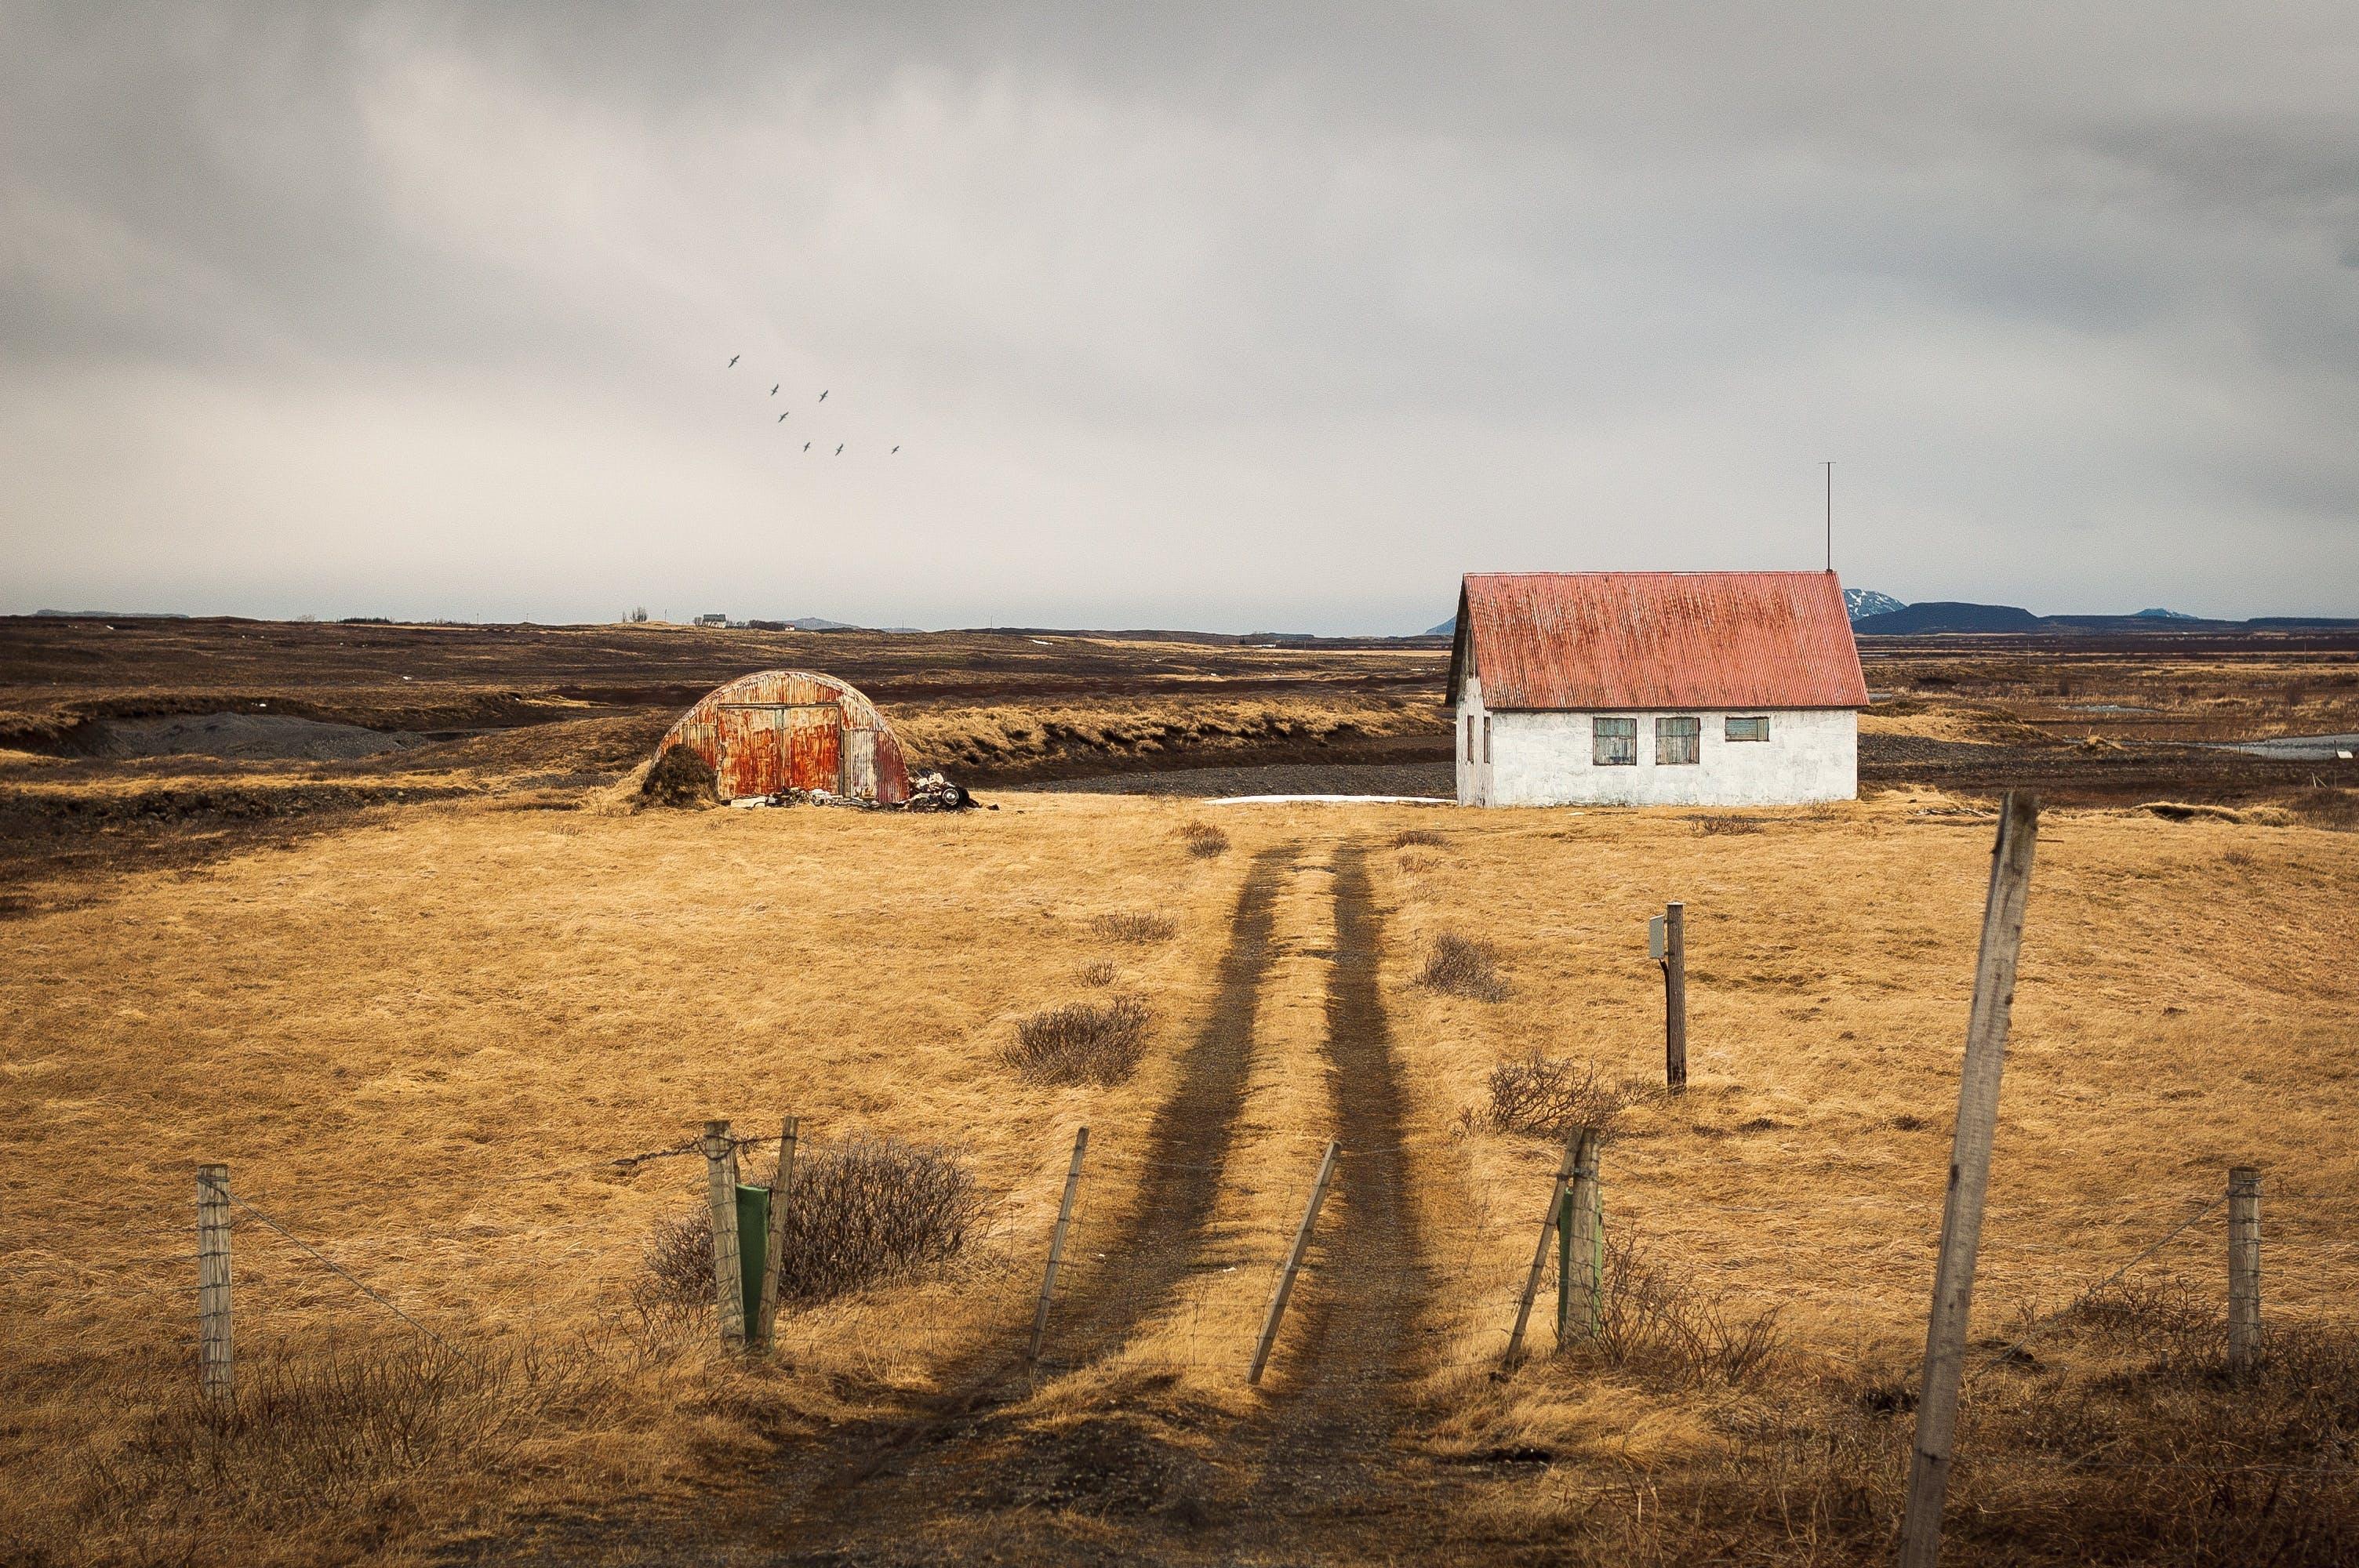 A house on a dry farm.